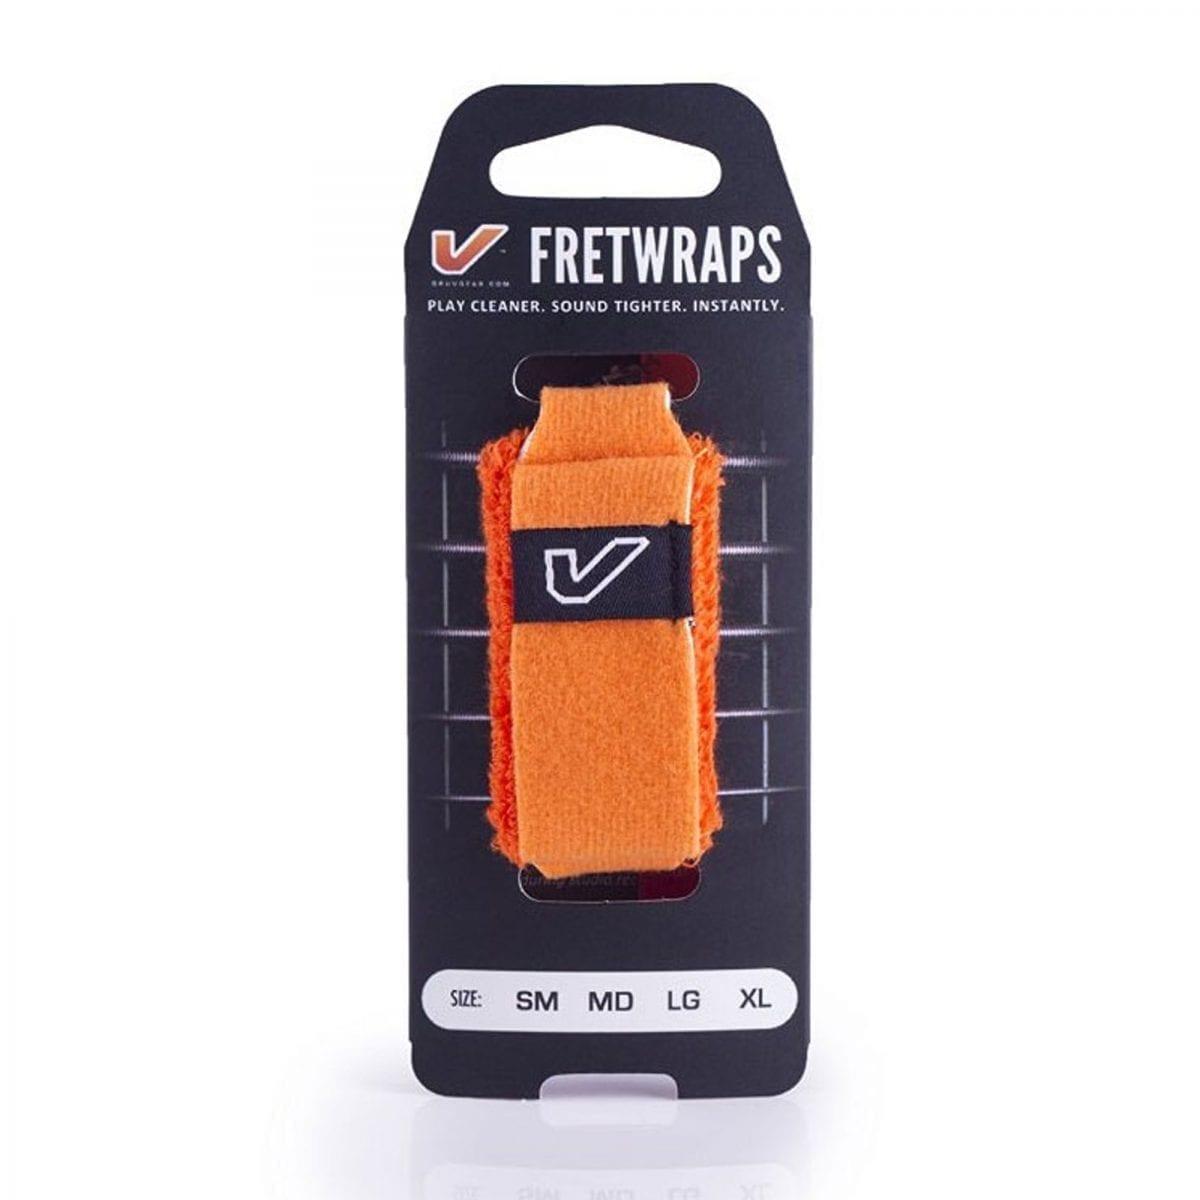 Gruv Gear FretWraps HD Flare-0